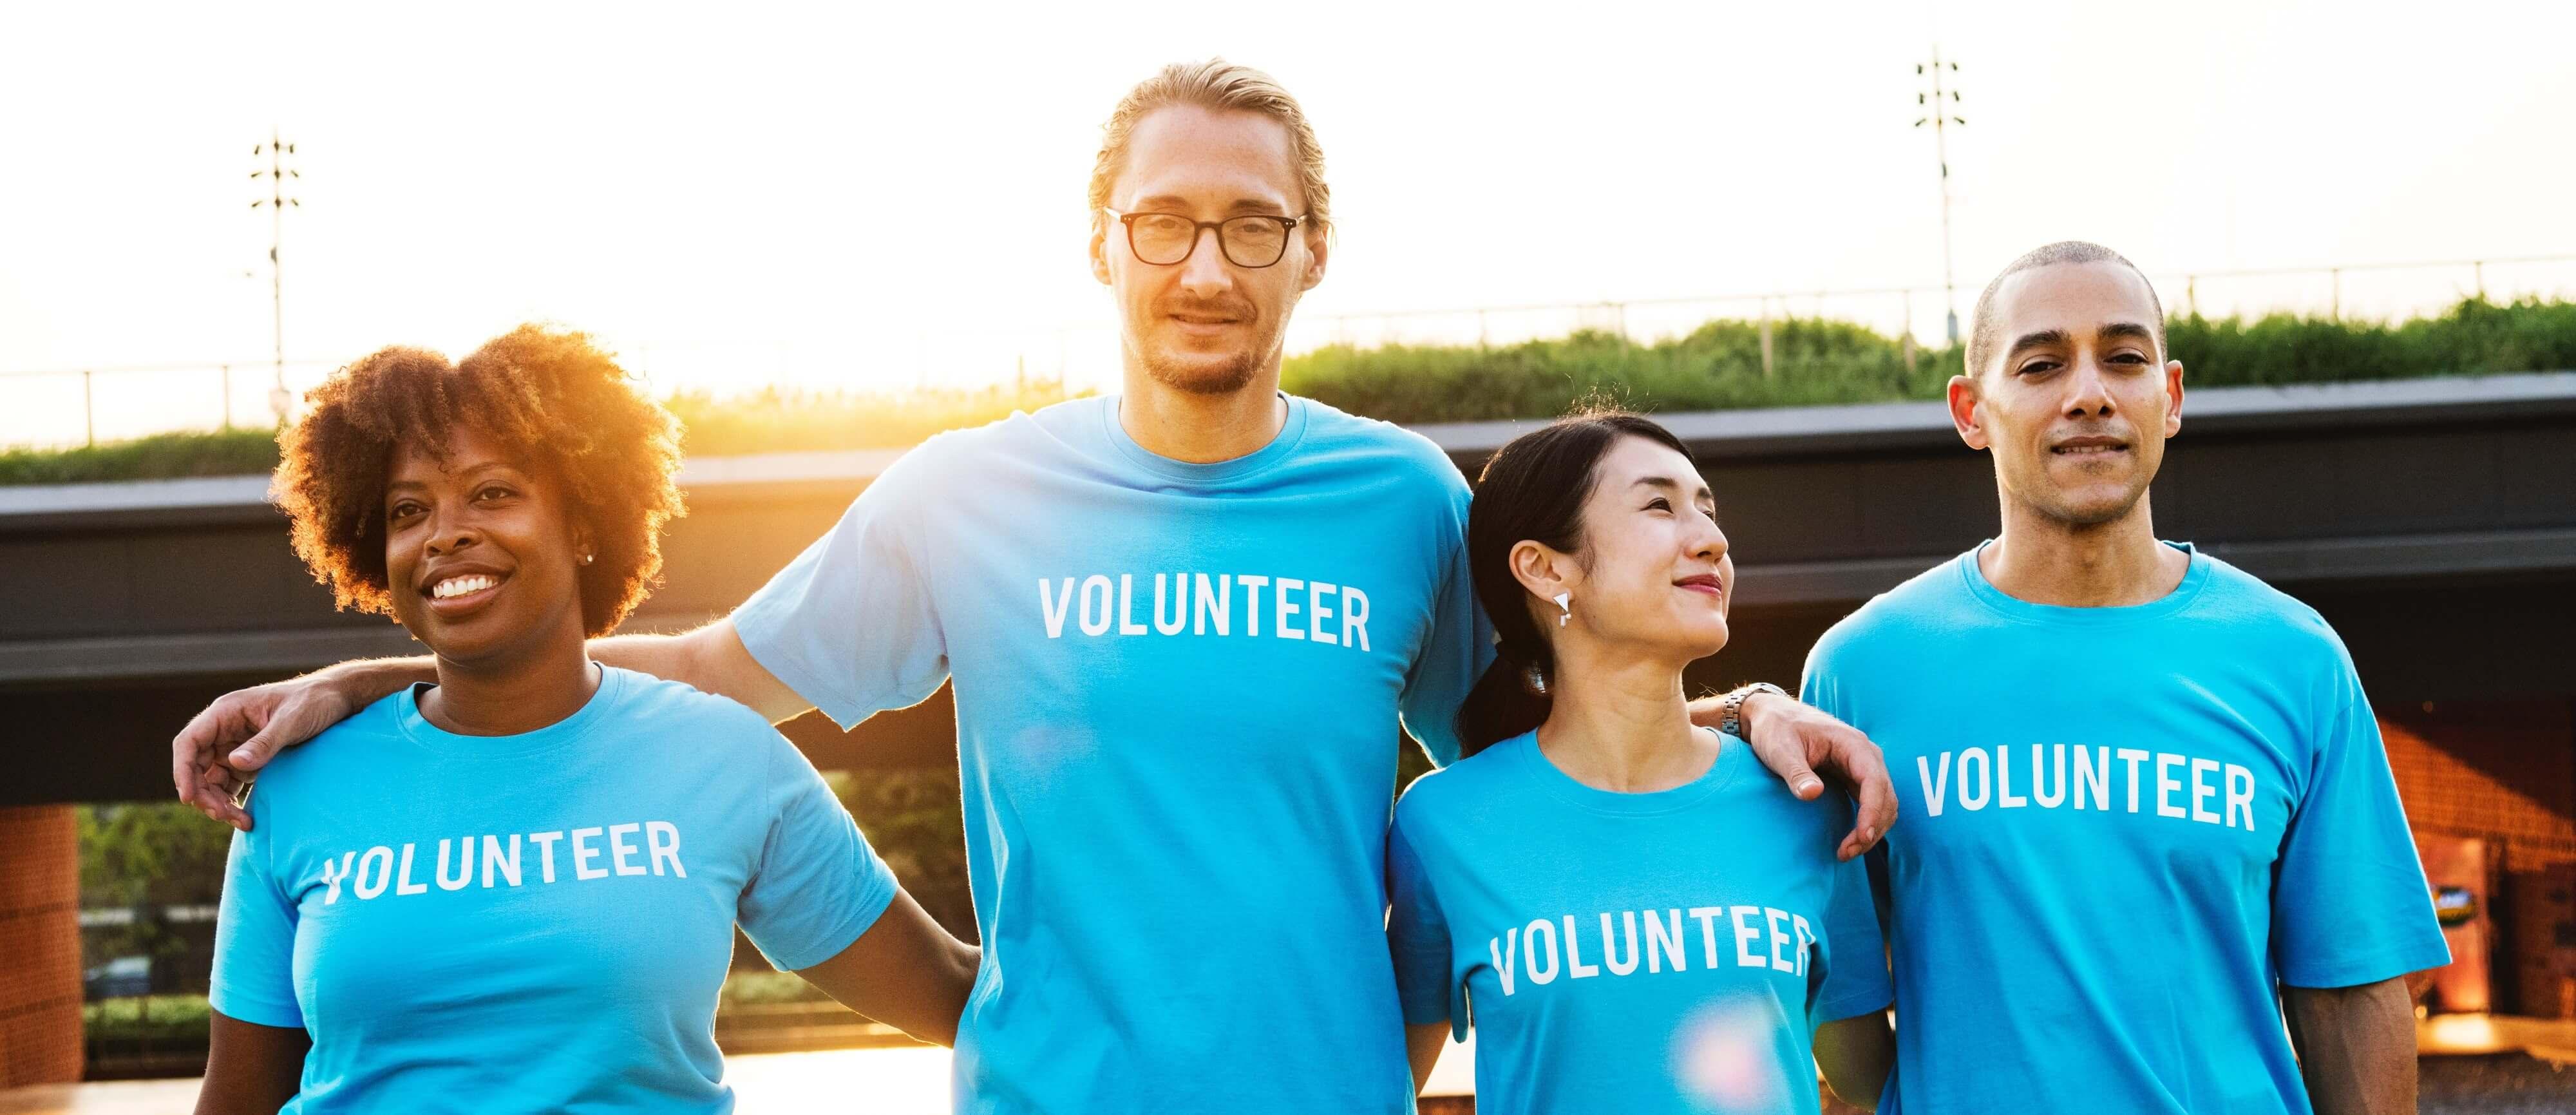 people volunteering at a school